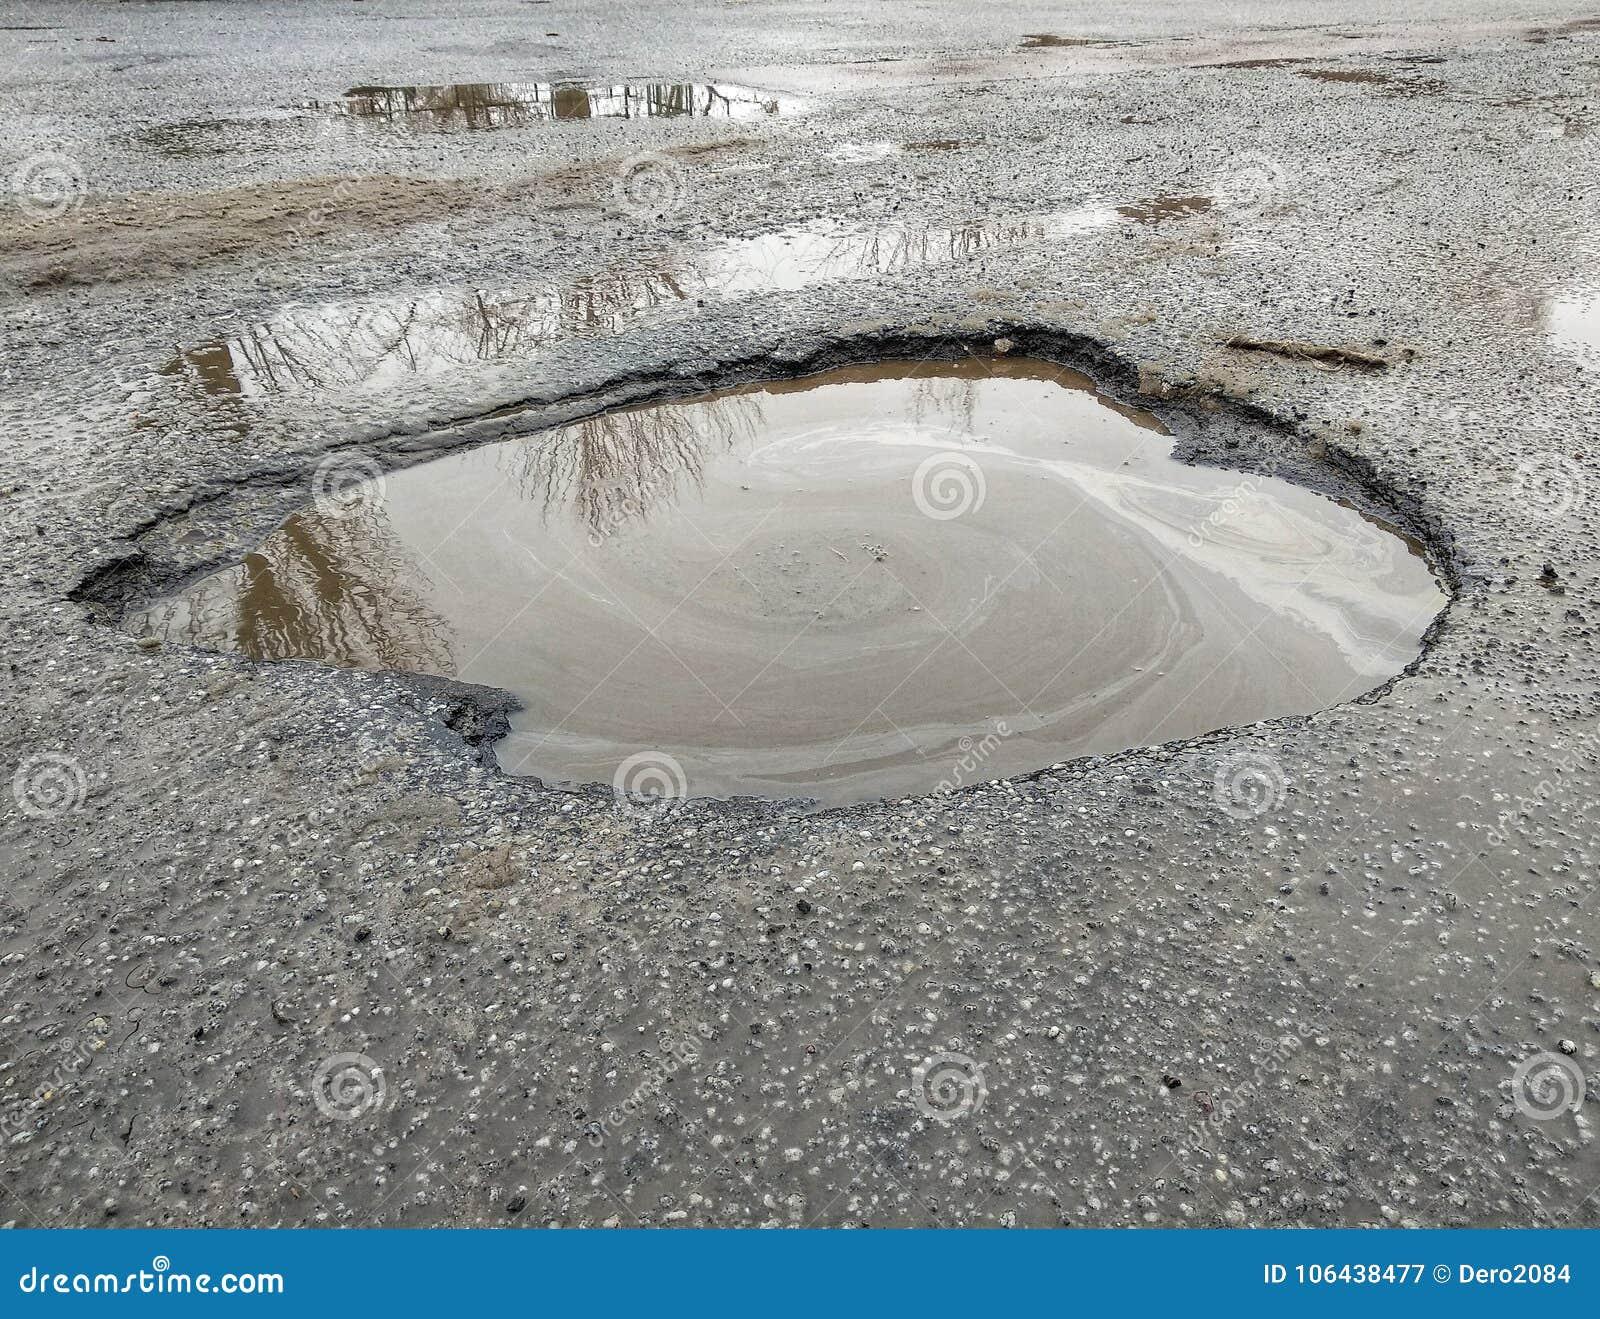 El hoyo grande llenó de agua en la cubierta del asfalto, camino roto, reflexión del ambiente en el agua, caminos ucranianos